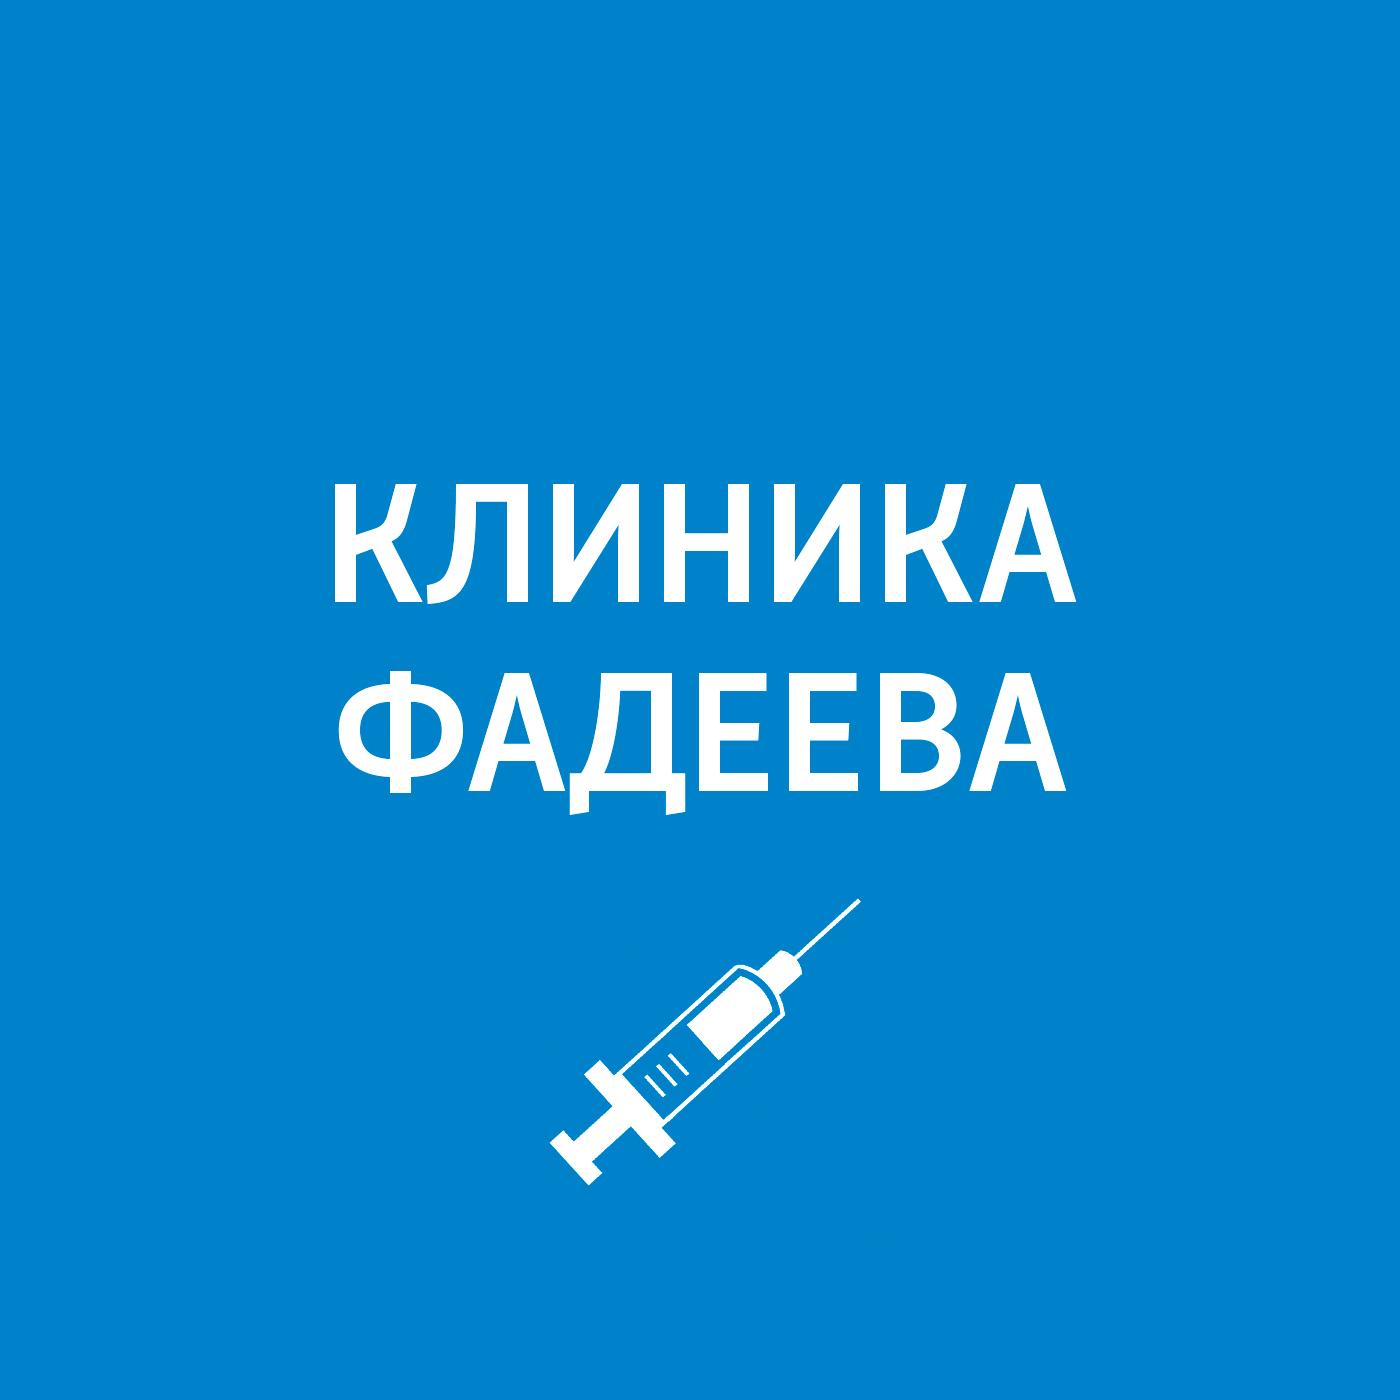 Пётр Фадеев Приём ведёт врач-пульмонолог пётр фадеев кинезиолог остеопат